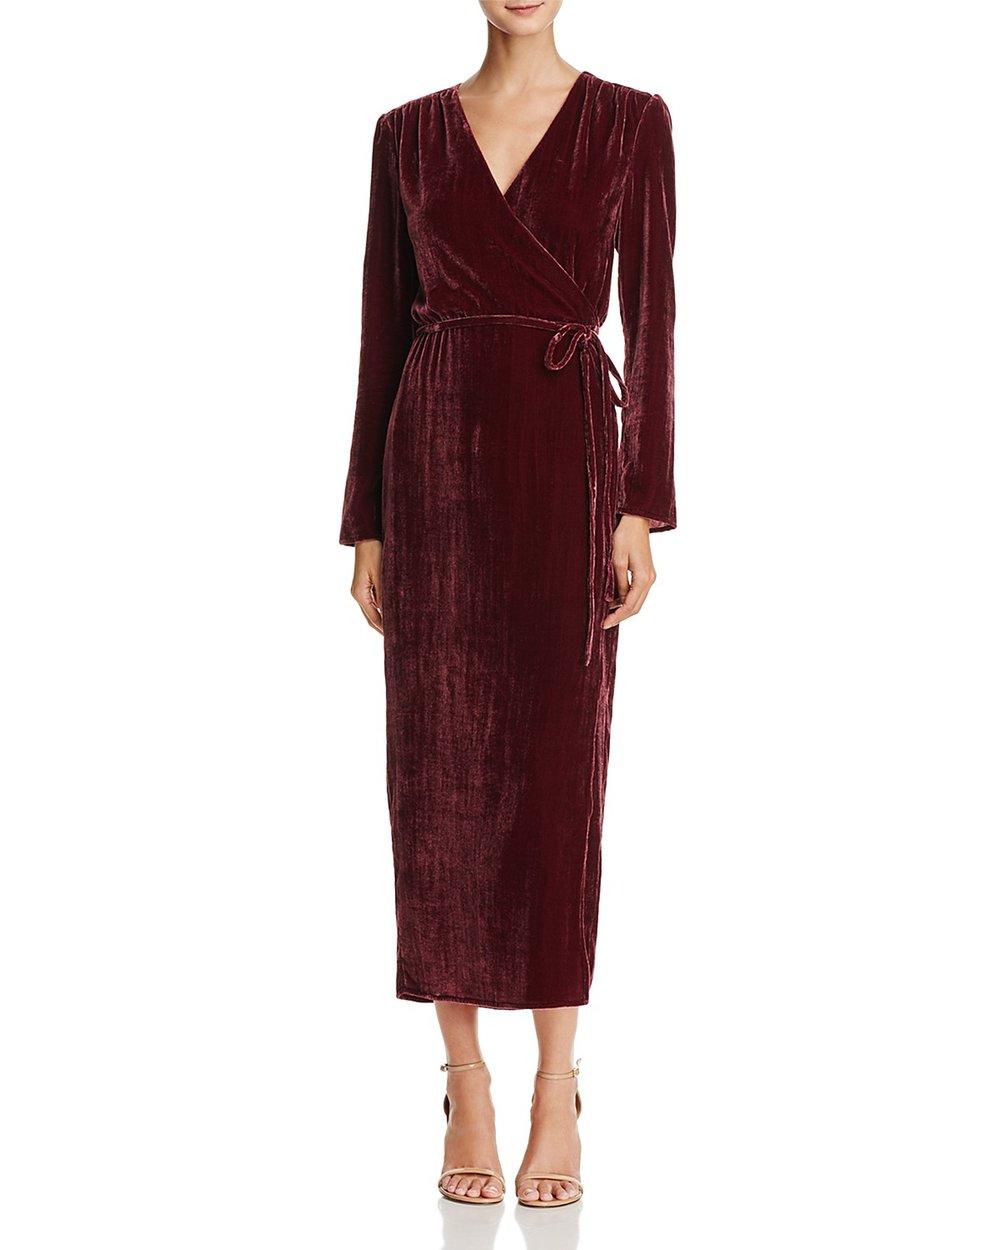 WAYF Maxi Dress, $149